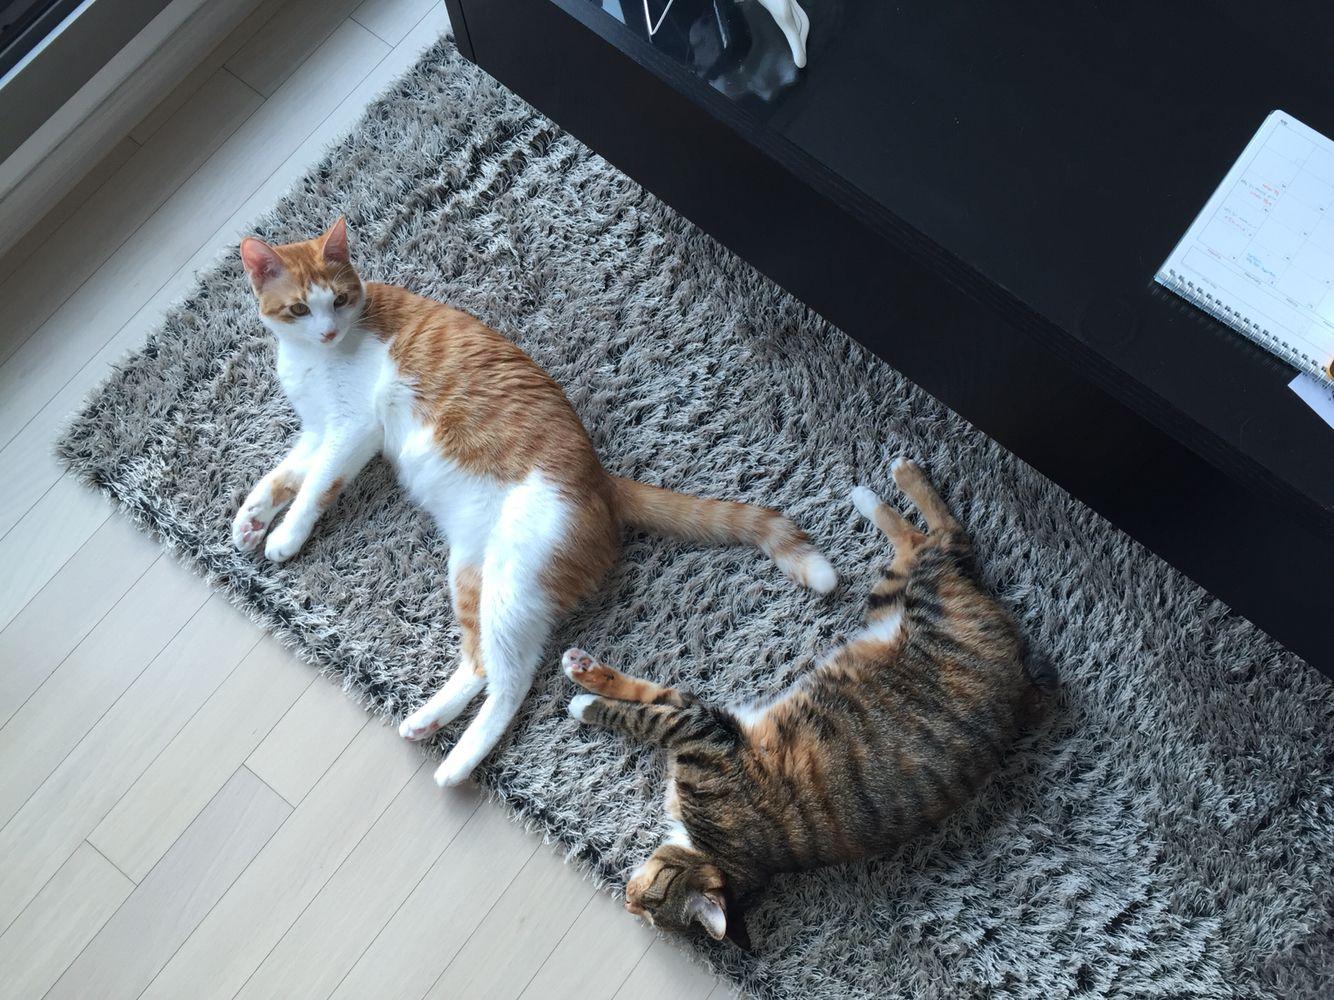 고양이팔자 상팔자  peaceful scene, TWO CATS